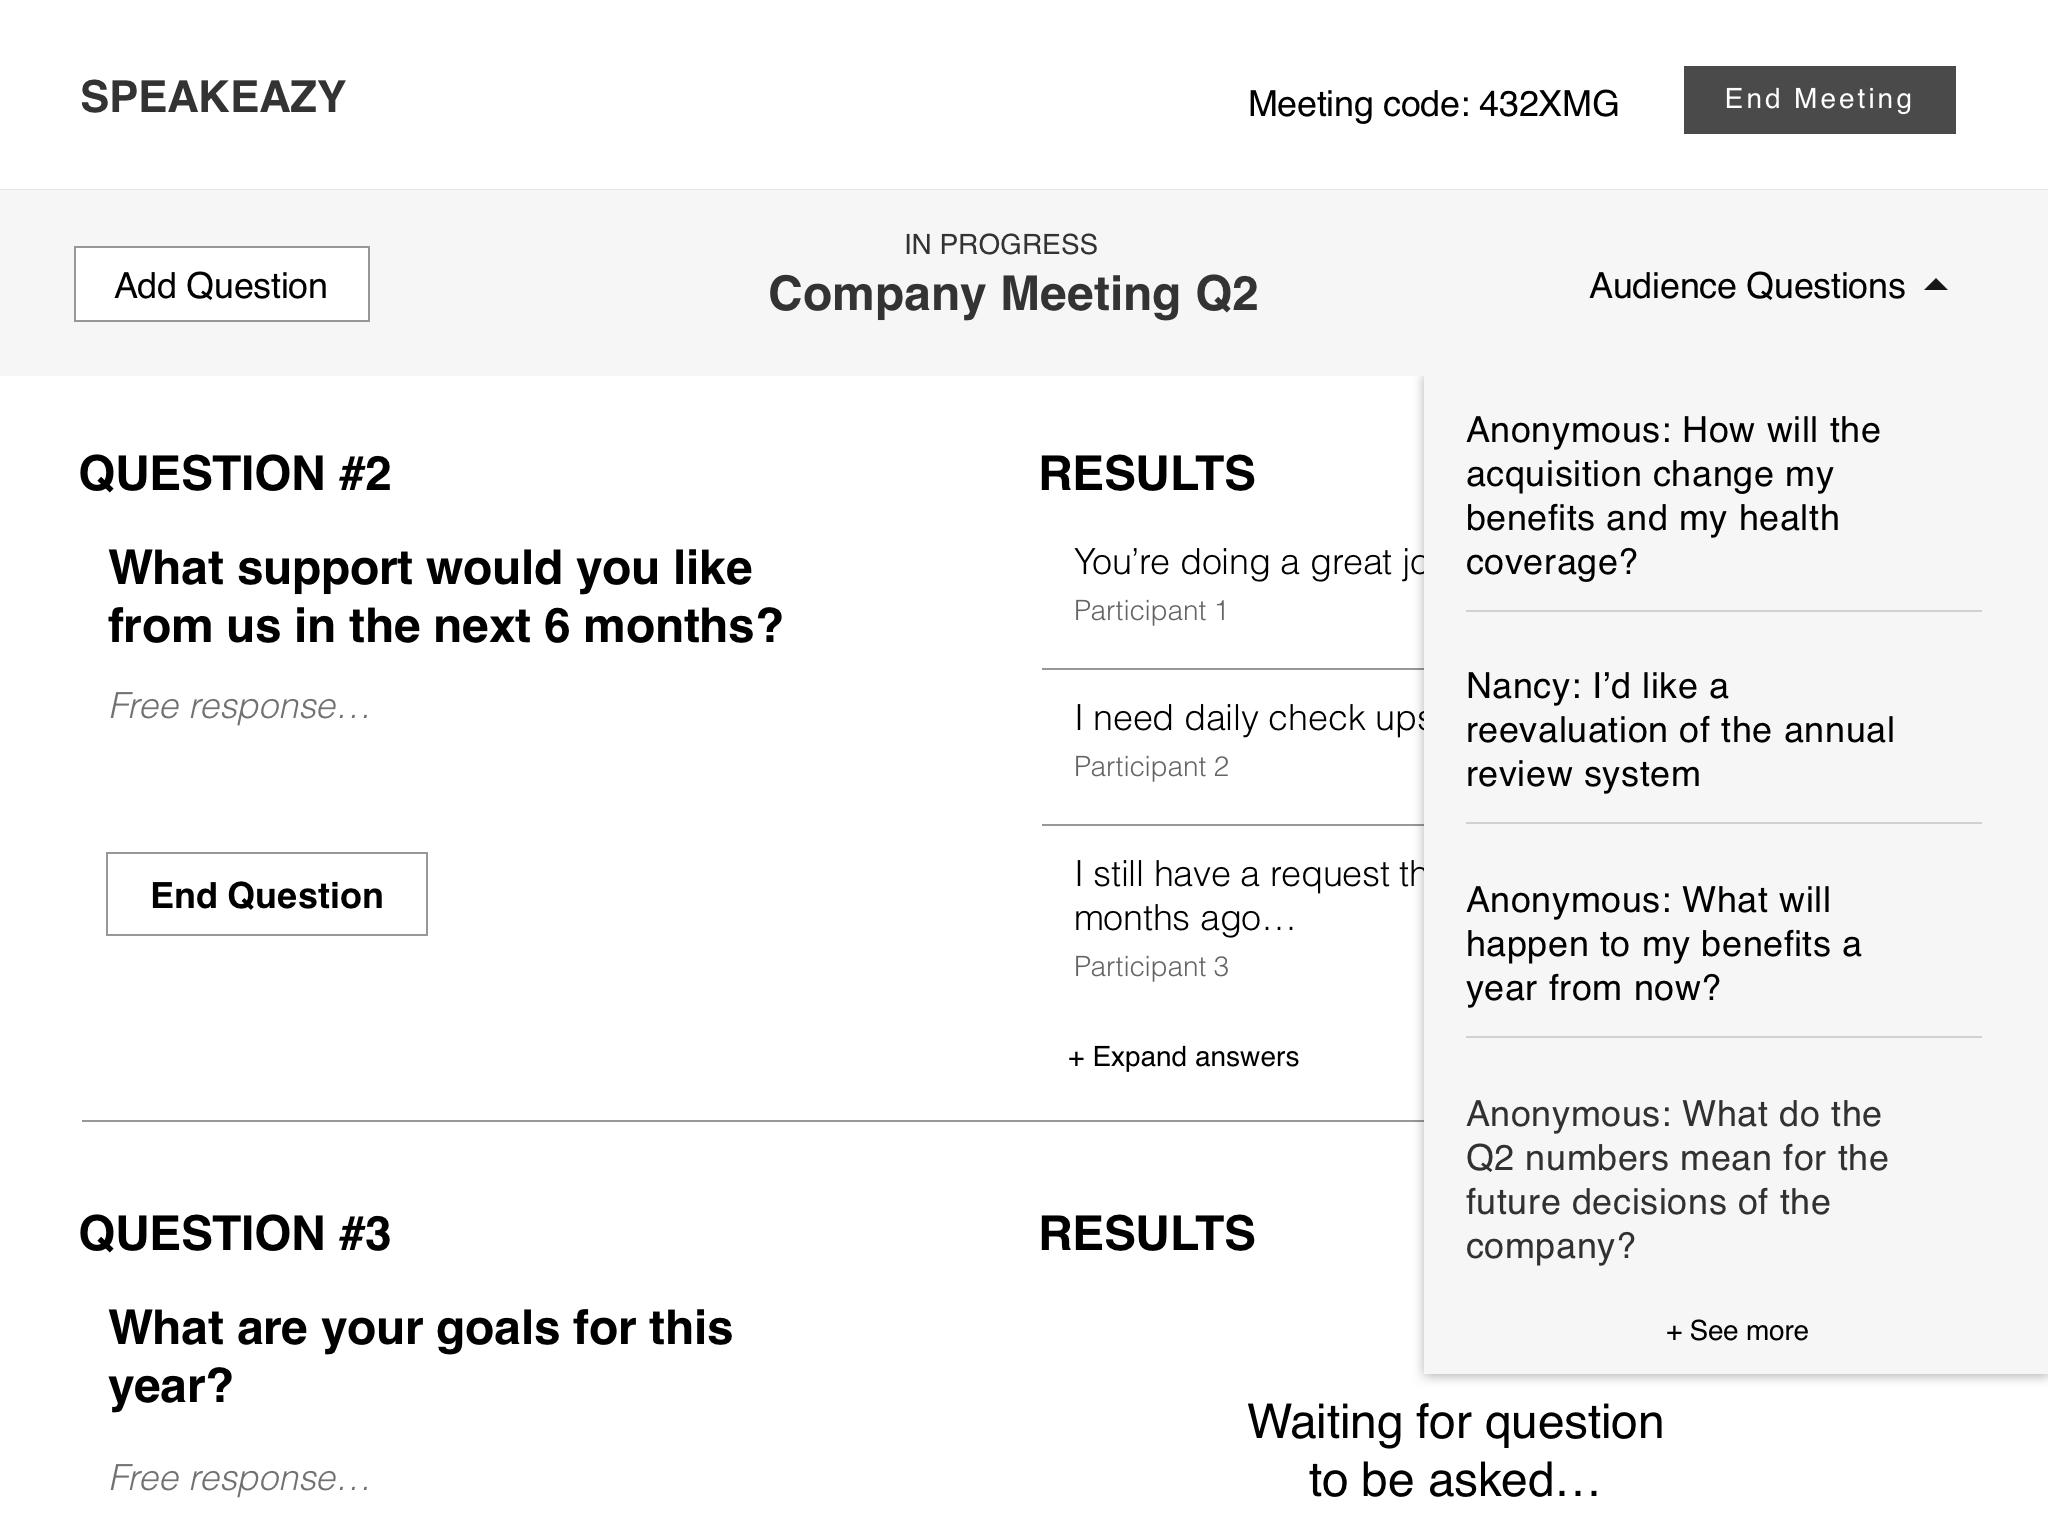 LIve-Meeting_QA_01.png